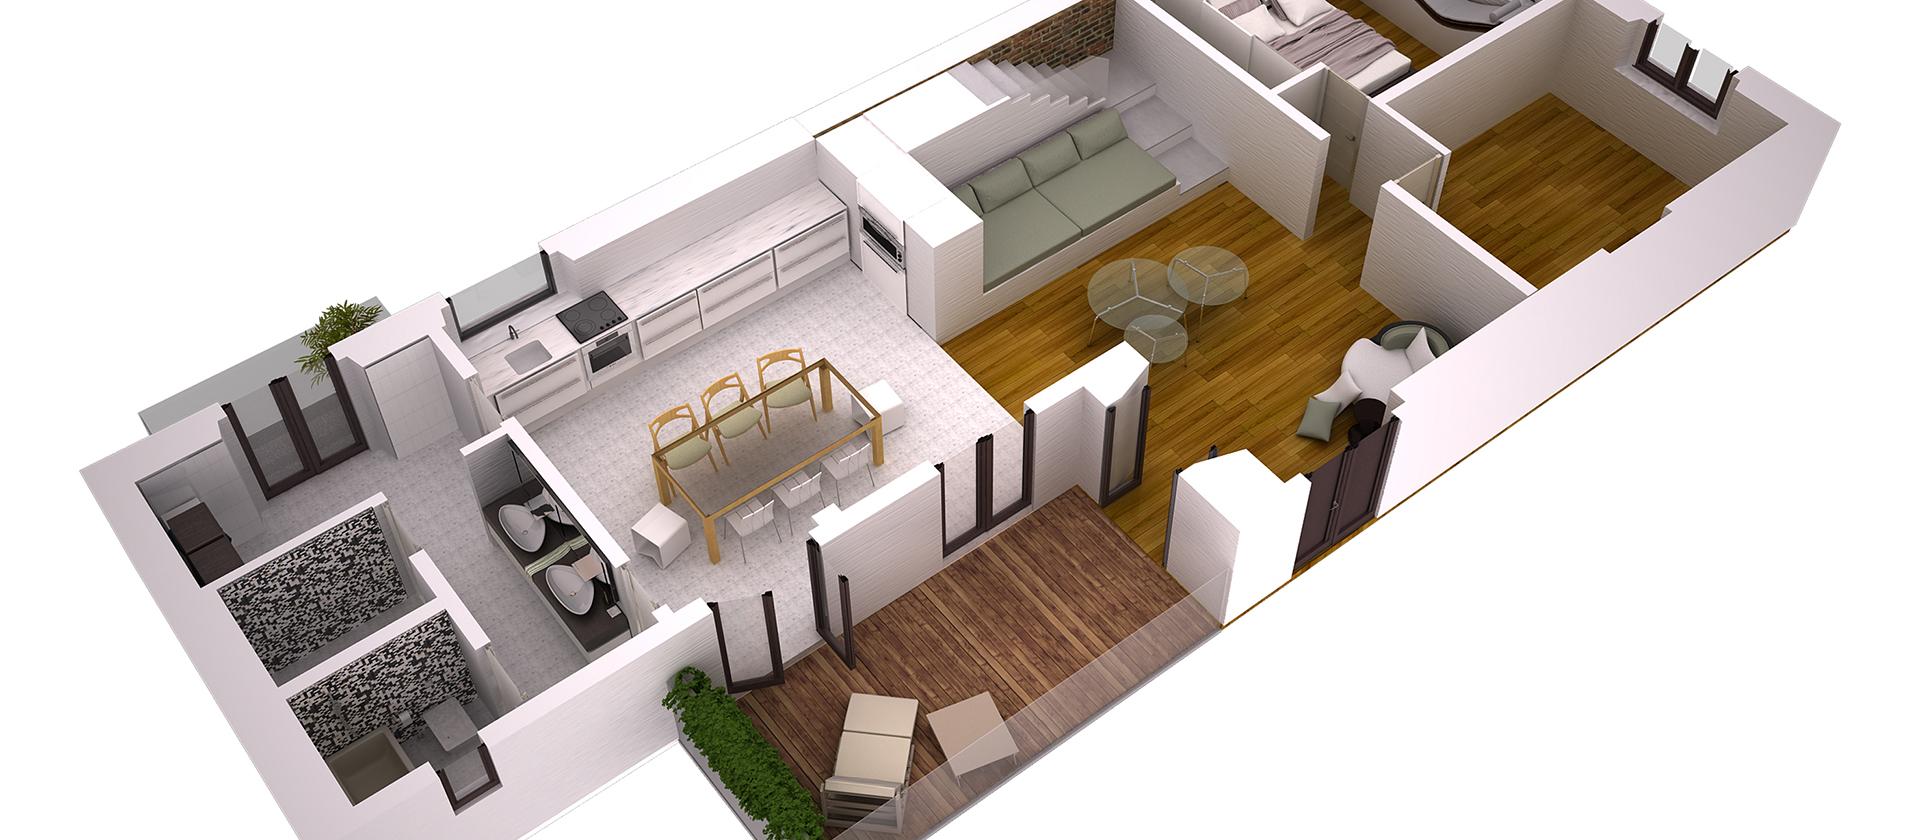 cours de dcoration intrieur gratuit latest formation de dcorateur u conseiller en design. Black Bedroom Furniture Sets. Home Design Ideas